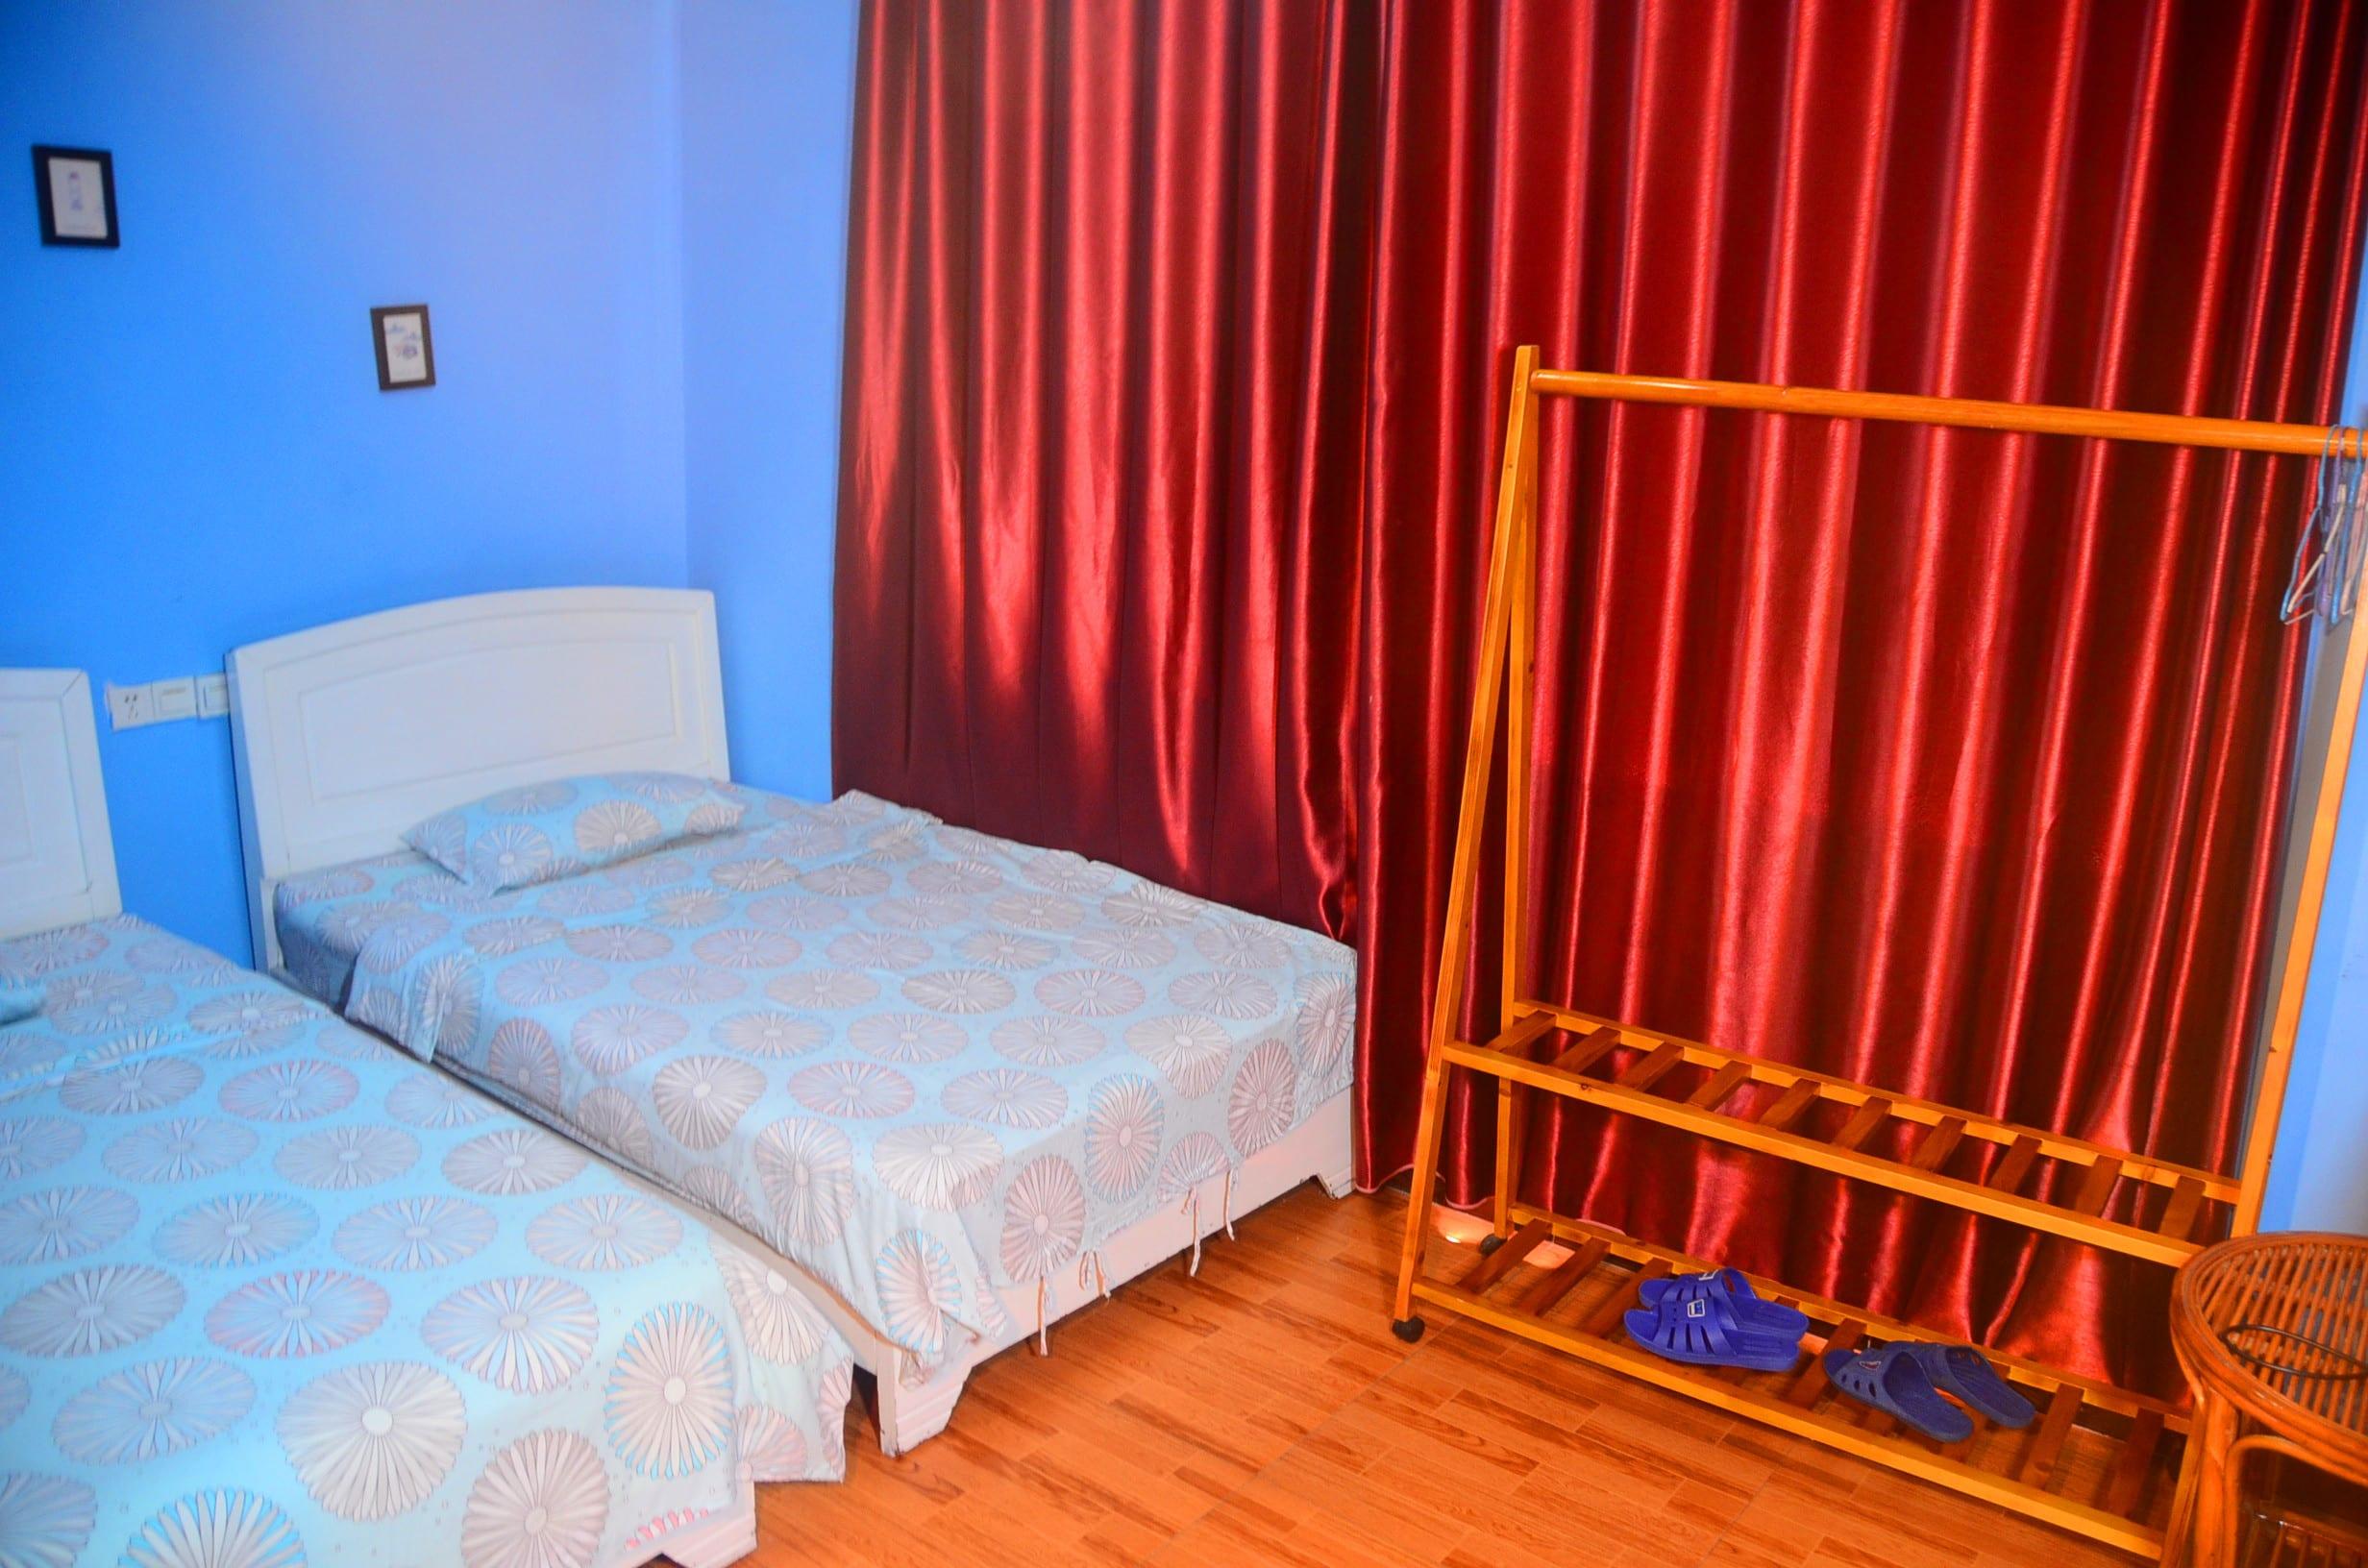 HOSTEL - En Attendant Godot Youth Hostel